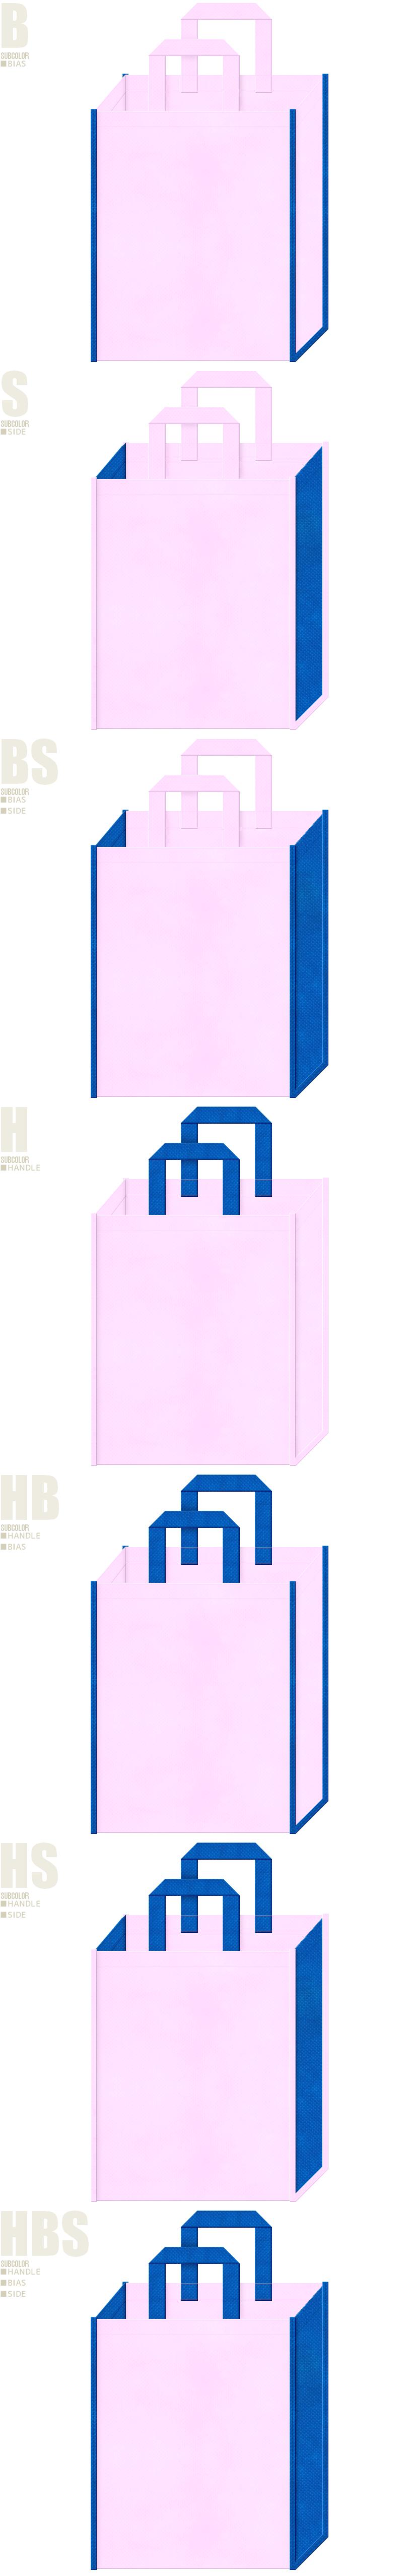 不織布バッグのデザイン:不織布メインカラーNo.37+サブカラーNo.22の2色7パターン